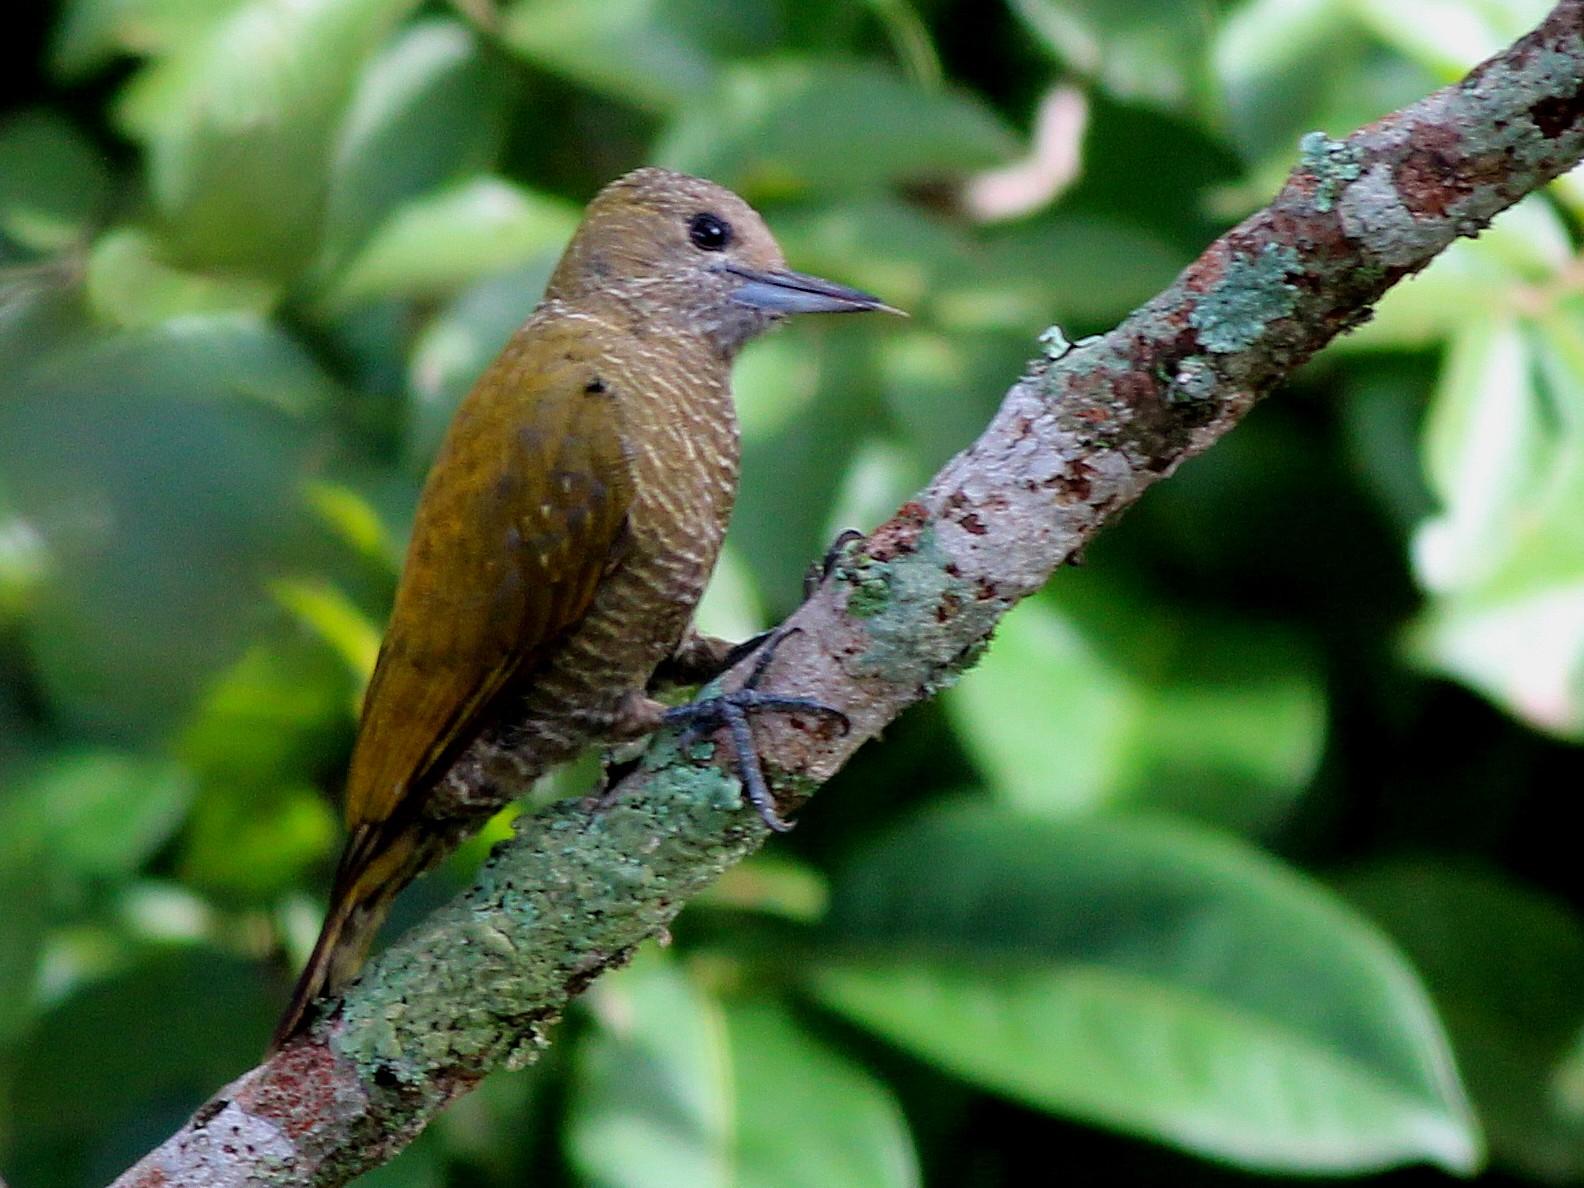 Little Woodpecker - Nárgila Moura